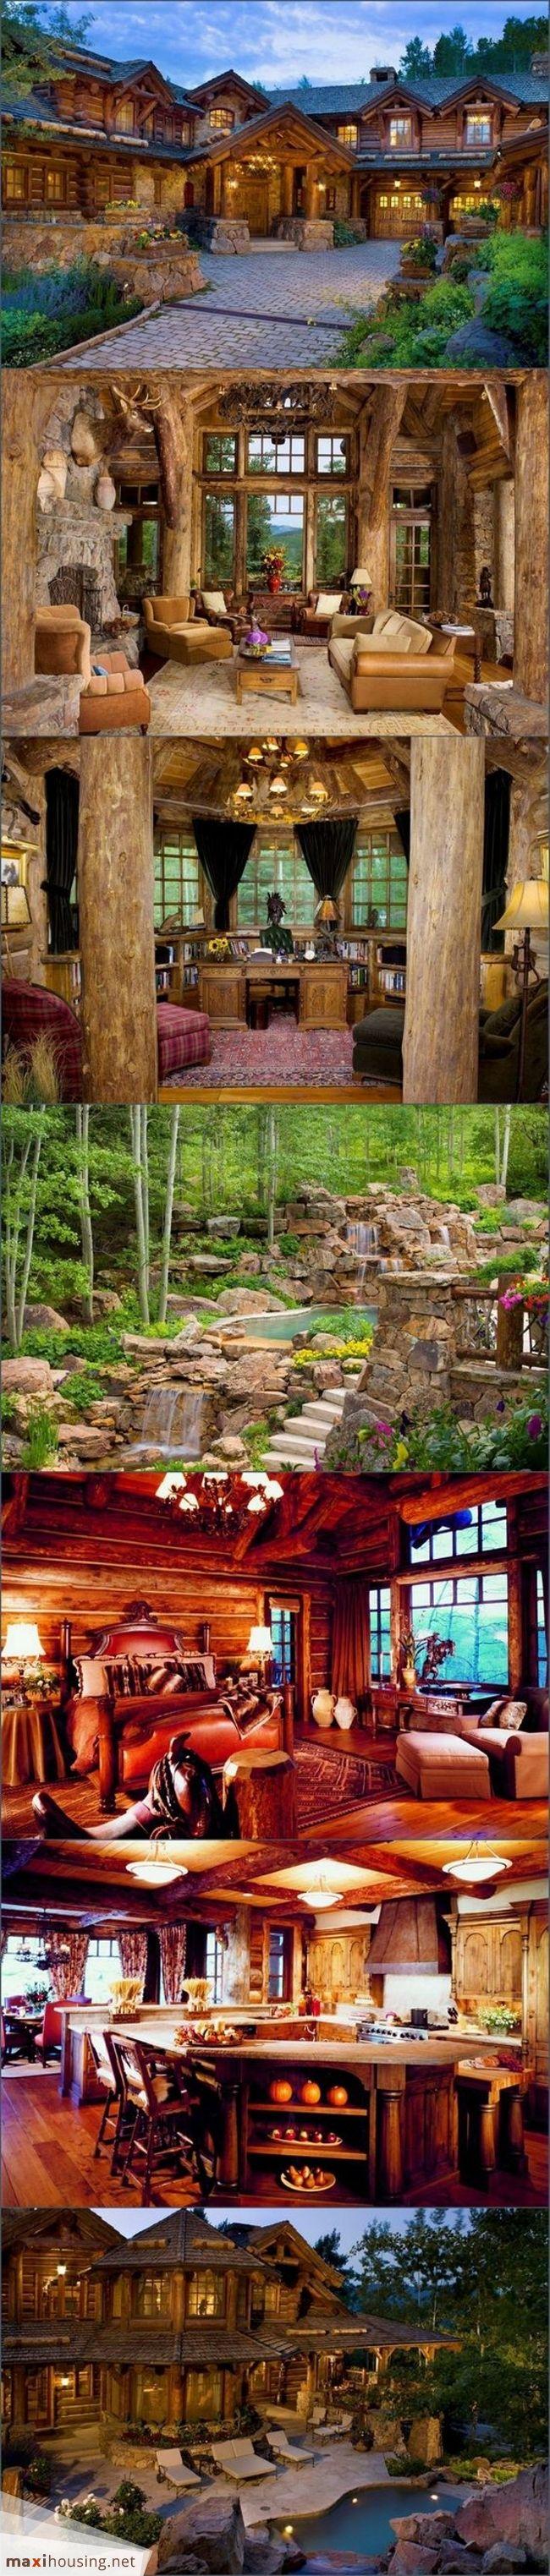 364 besten Maxi Housing Bilder auf Pinterest | Ferienhaus ...